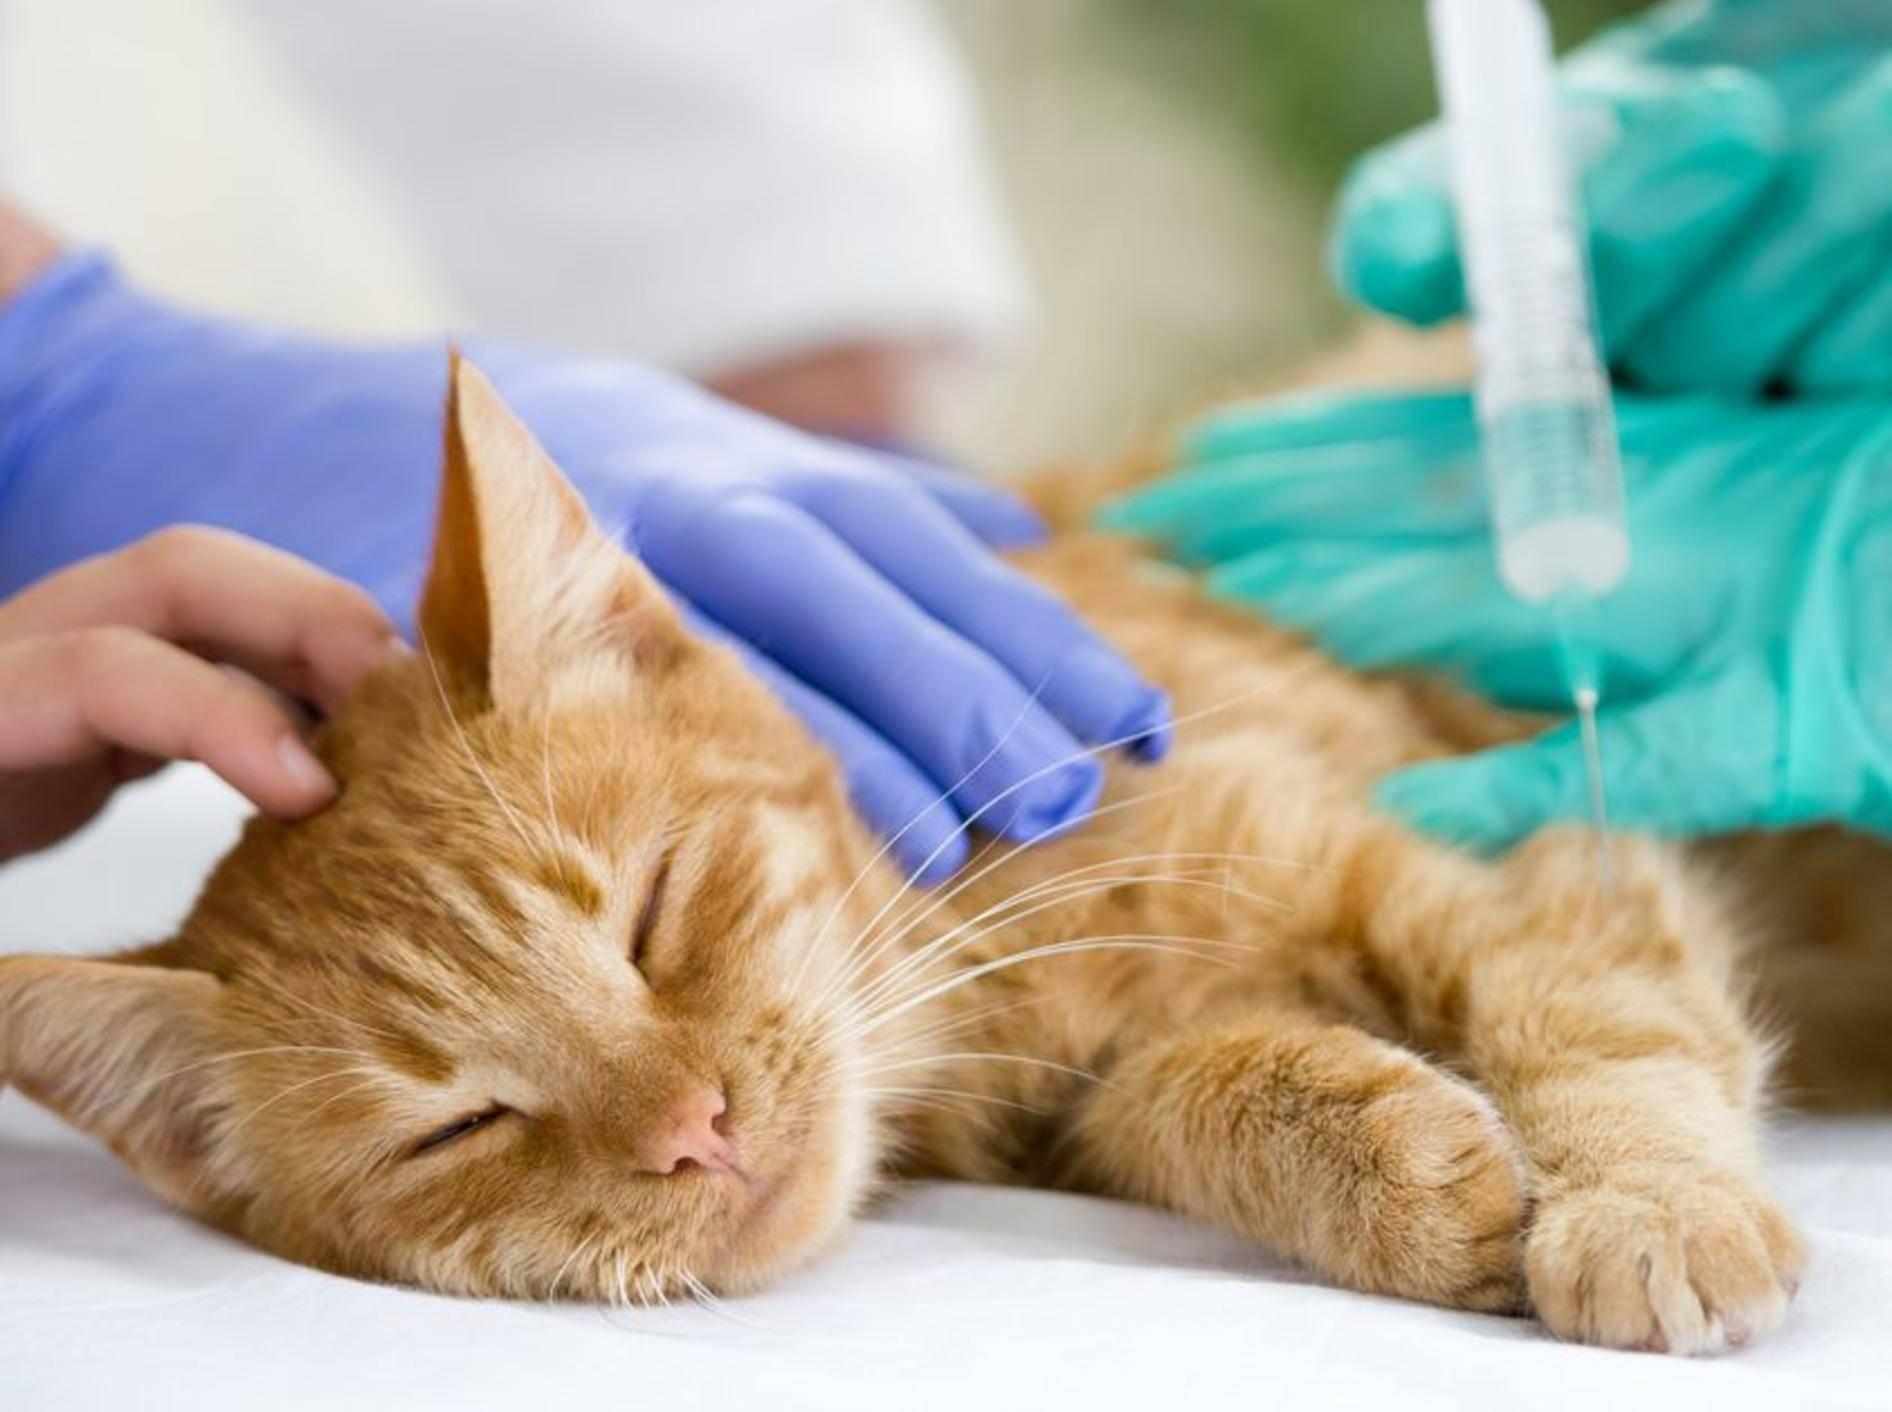 Die Katzenkrankheit FIP kann über Bluttests und Entnahme von Flüssigkeit aus der Bauchhöhle diagnostiziert werden – Bild: Shutterstock / VP Photo Studio